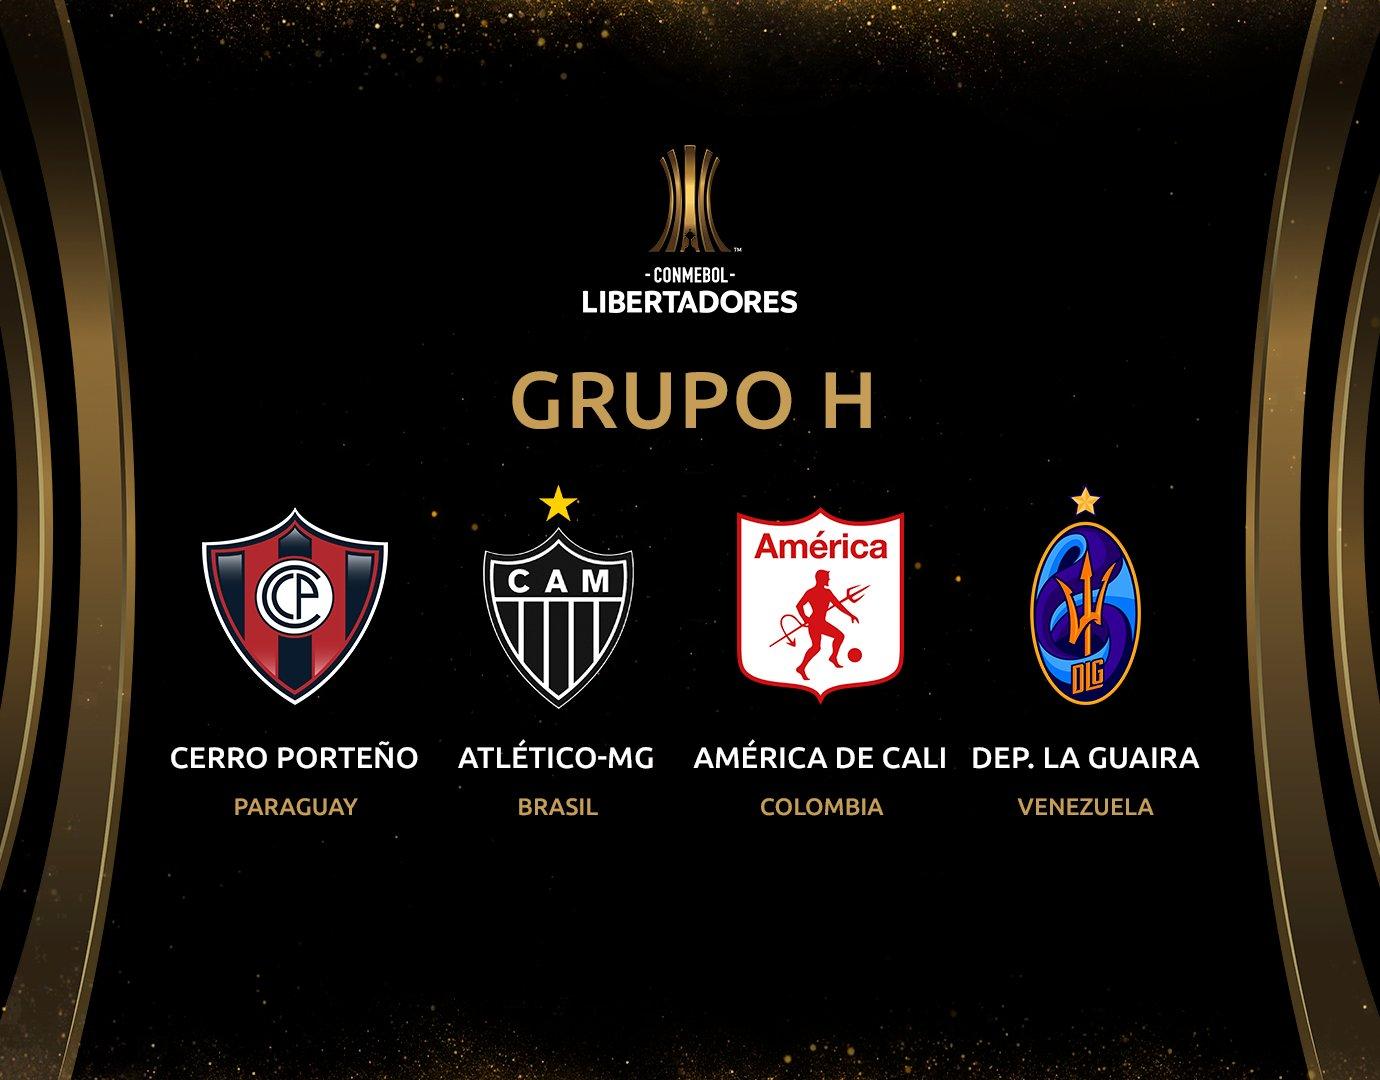 Atlético MG divulga grupo de adversários pela Libertadores